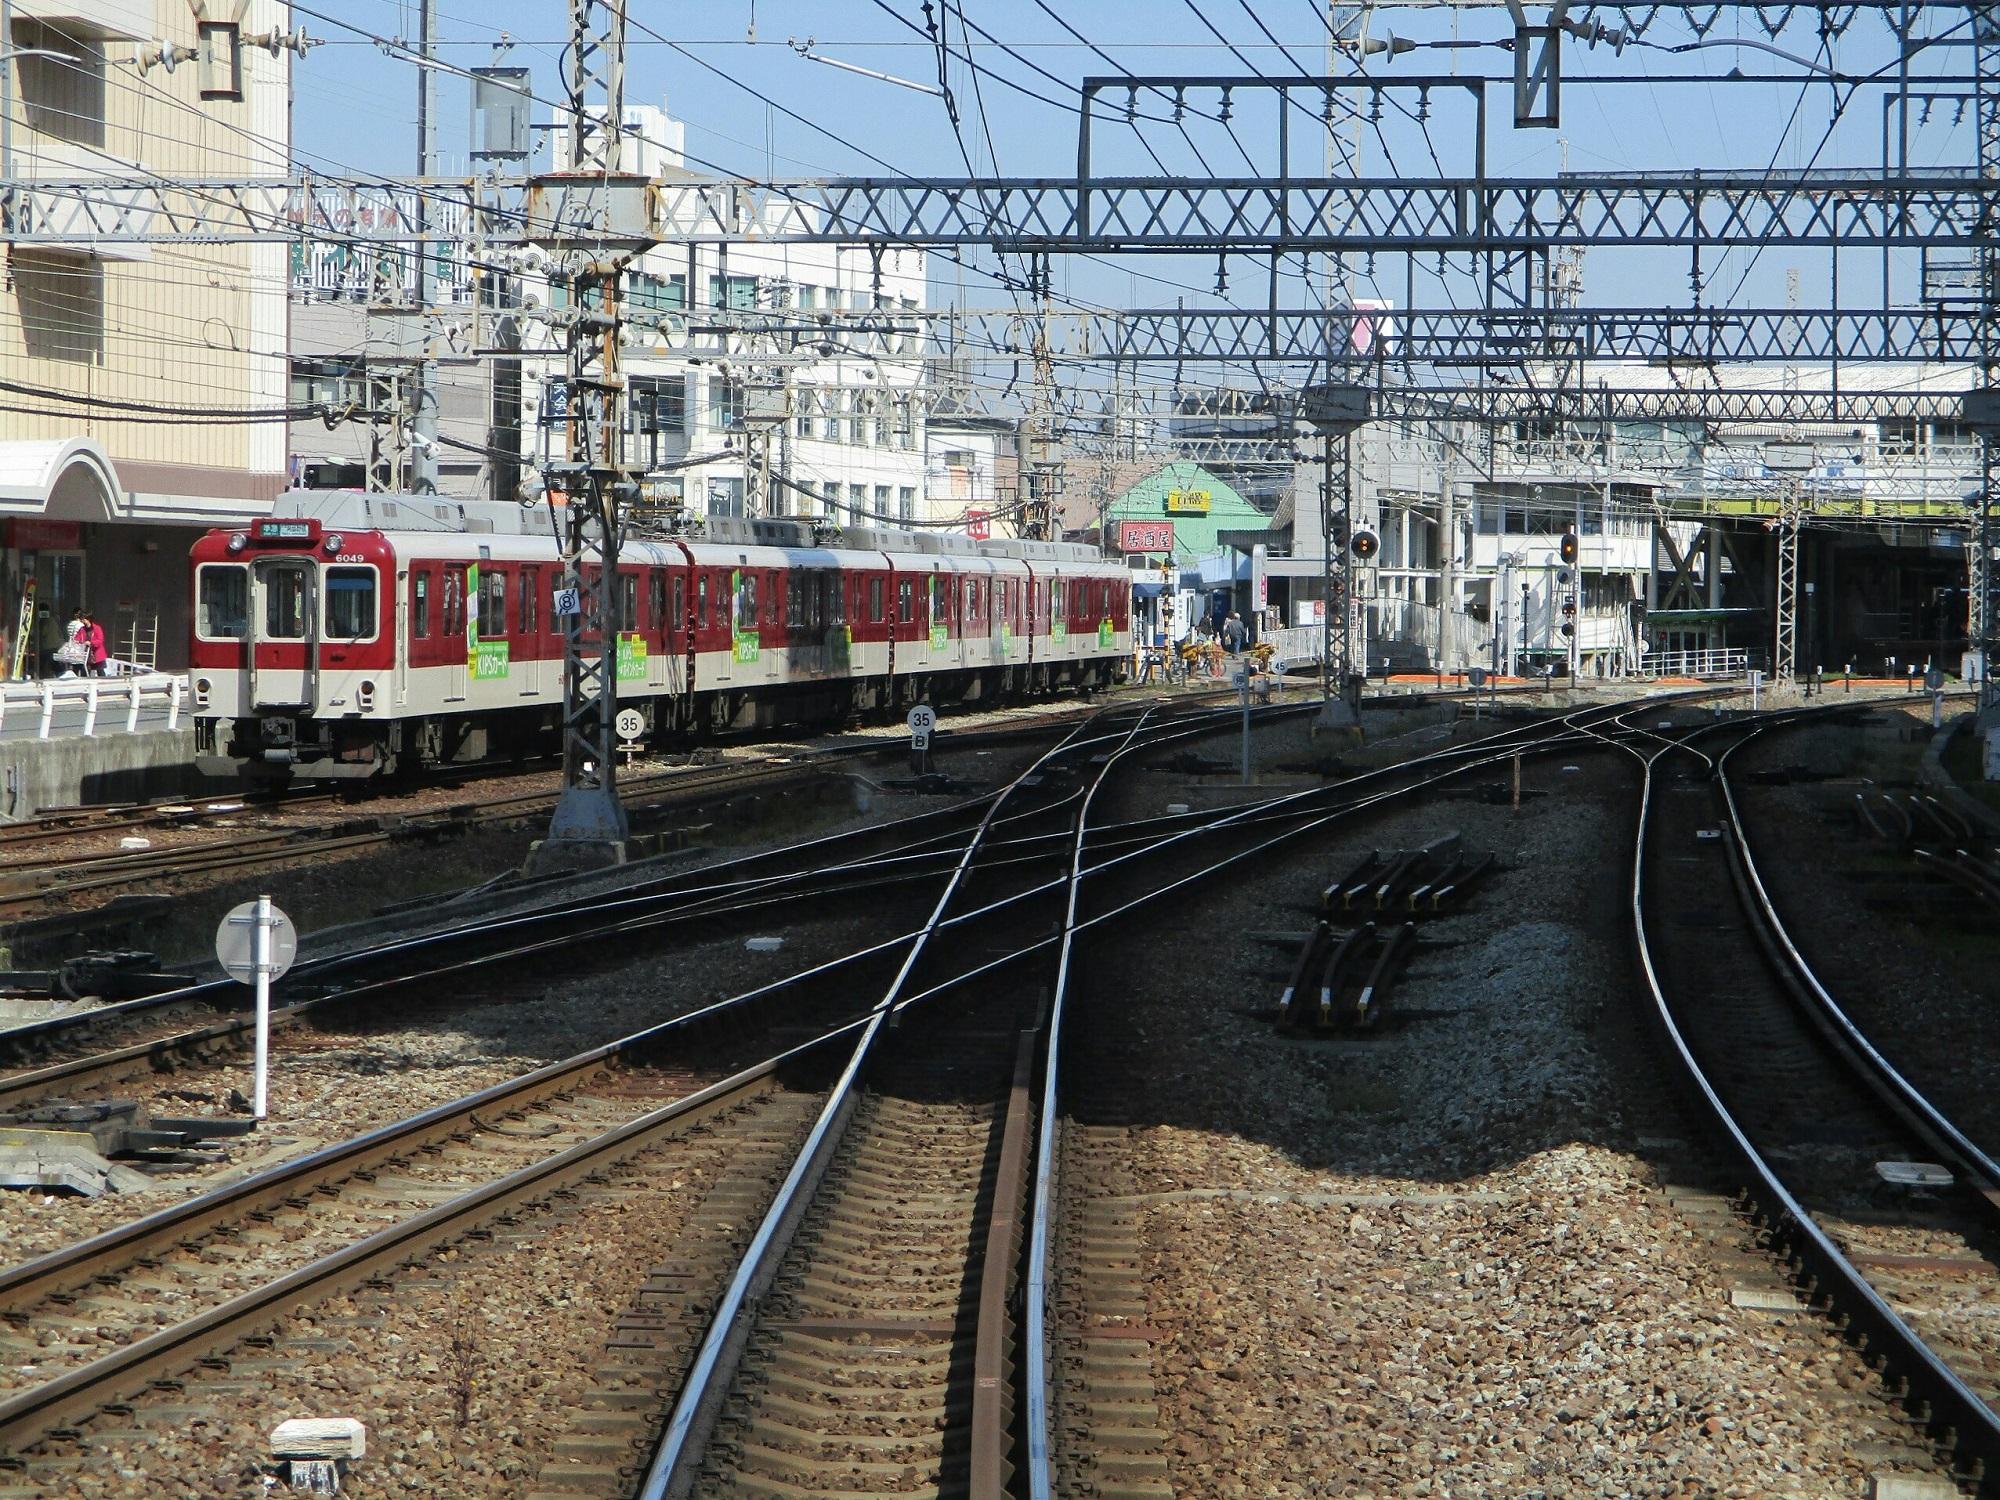 2019.3.18 (77) 大阪阿部野橋いき急行 - 古市 2000-1500